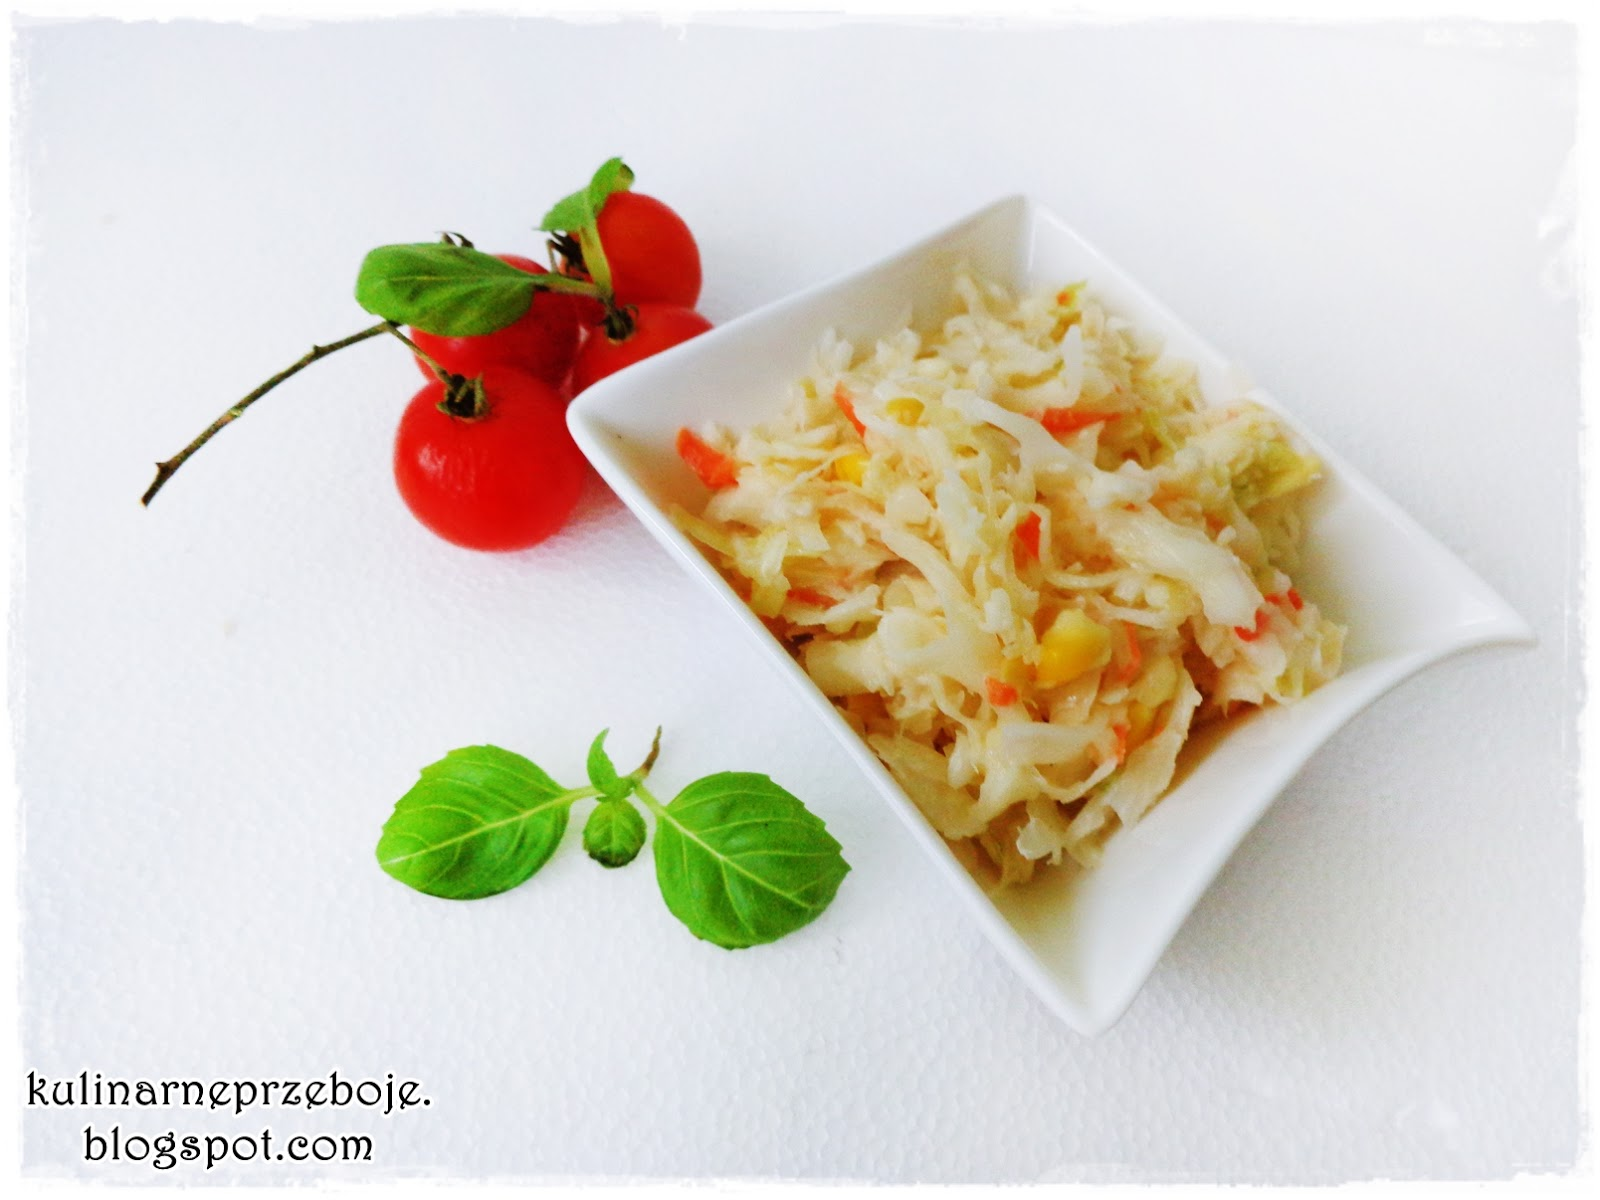 Surówka z białej kapusty, kukurydzy, marchwi i pora